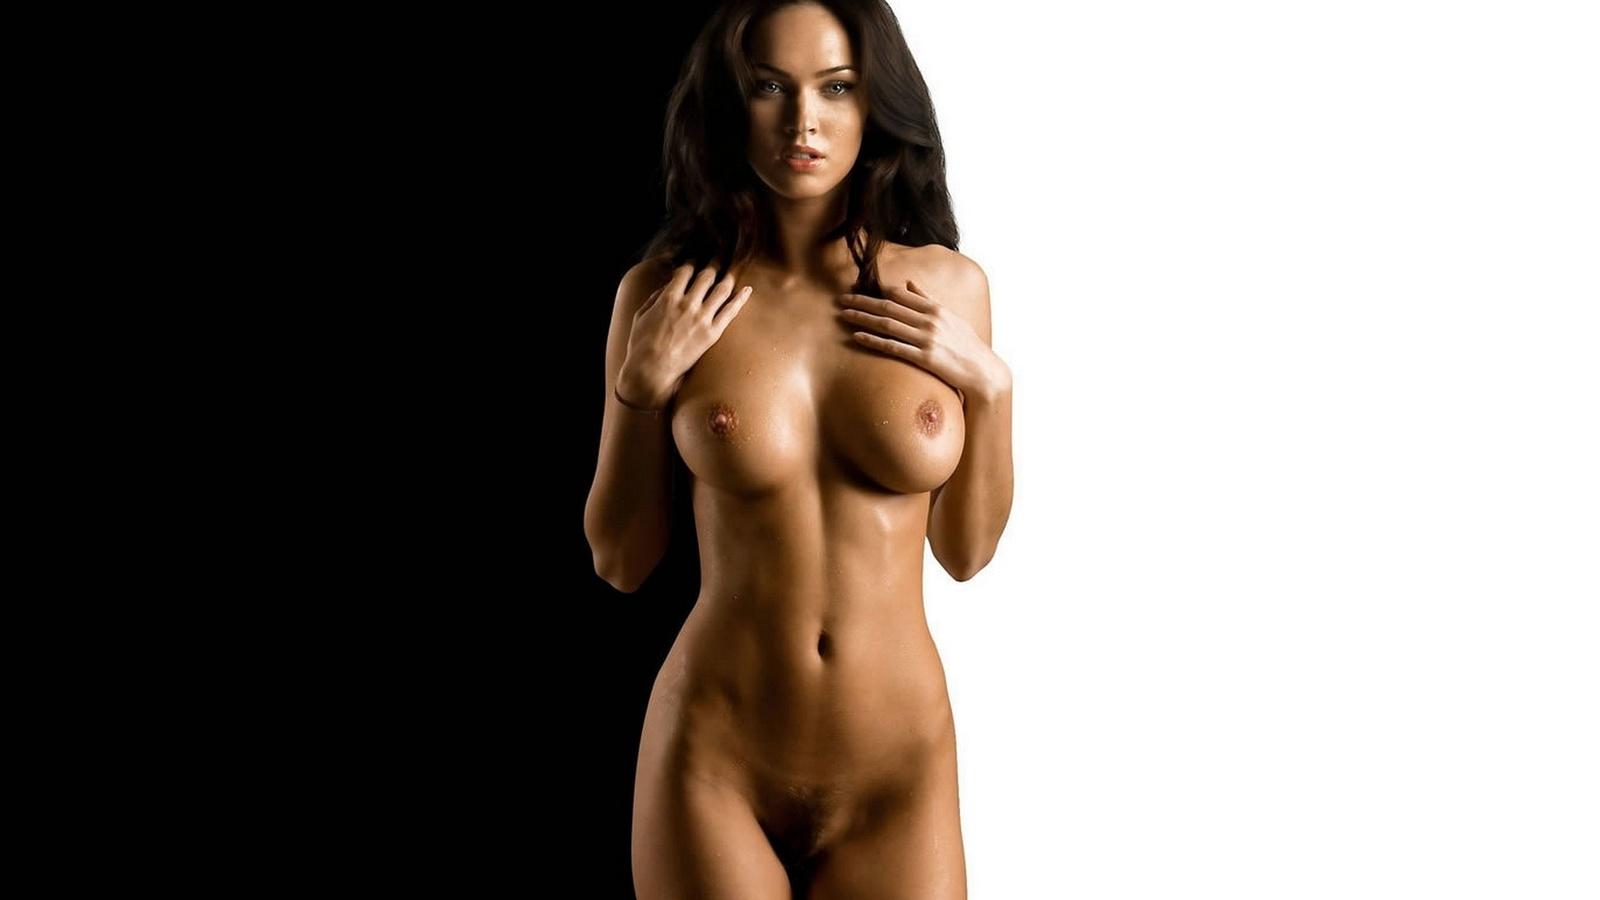 Naked foking wallpaper sex image